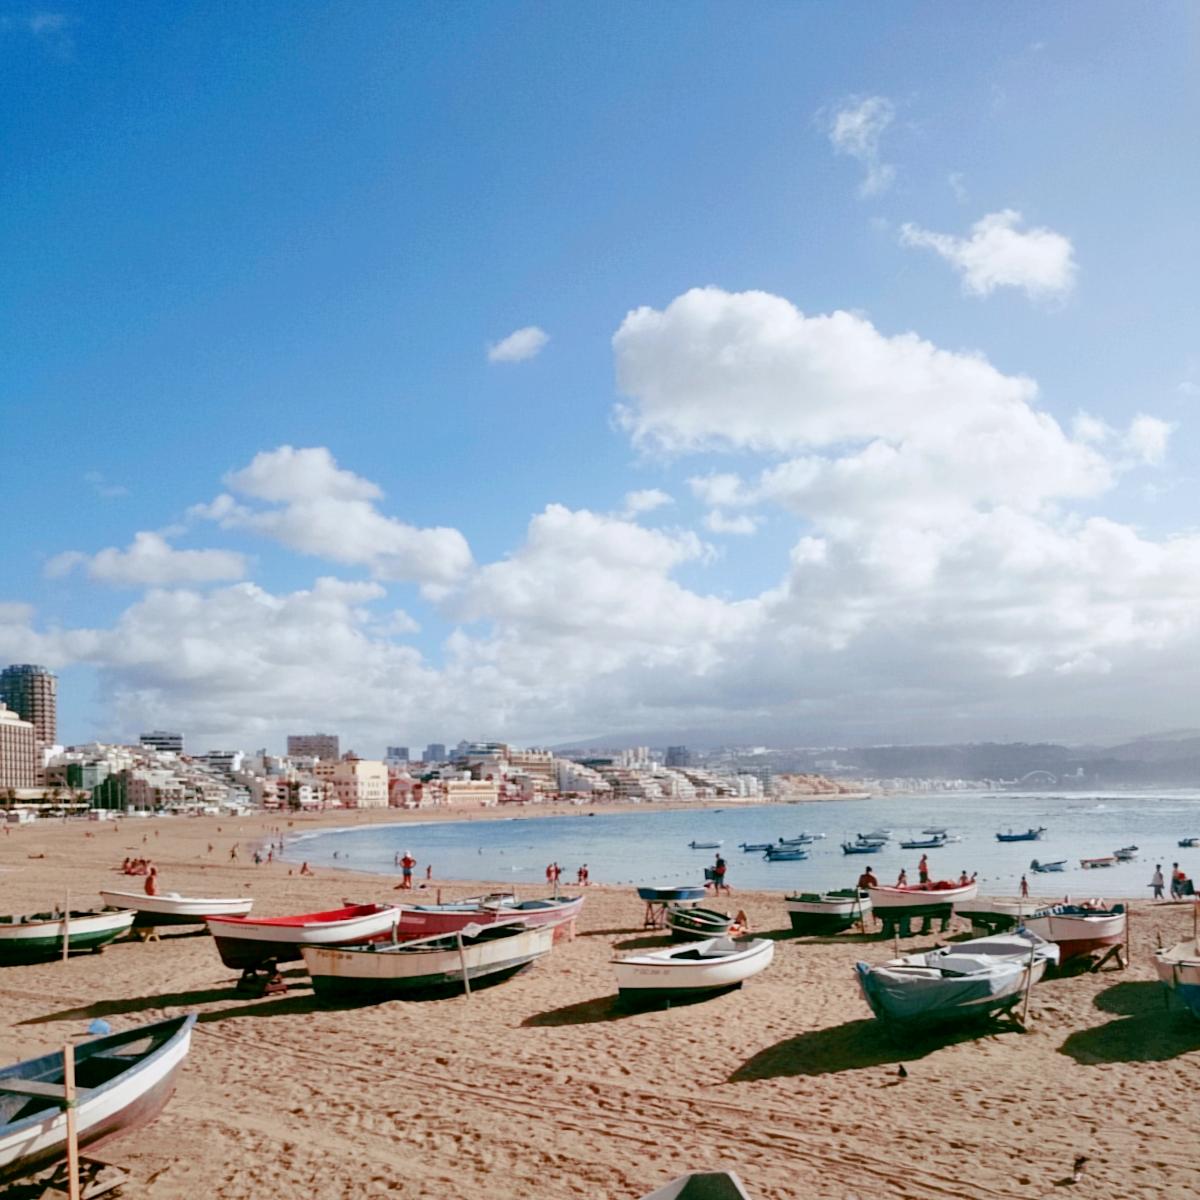 playa de las canteras by siona